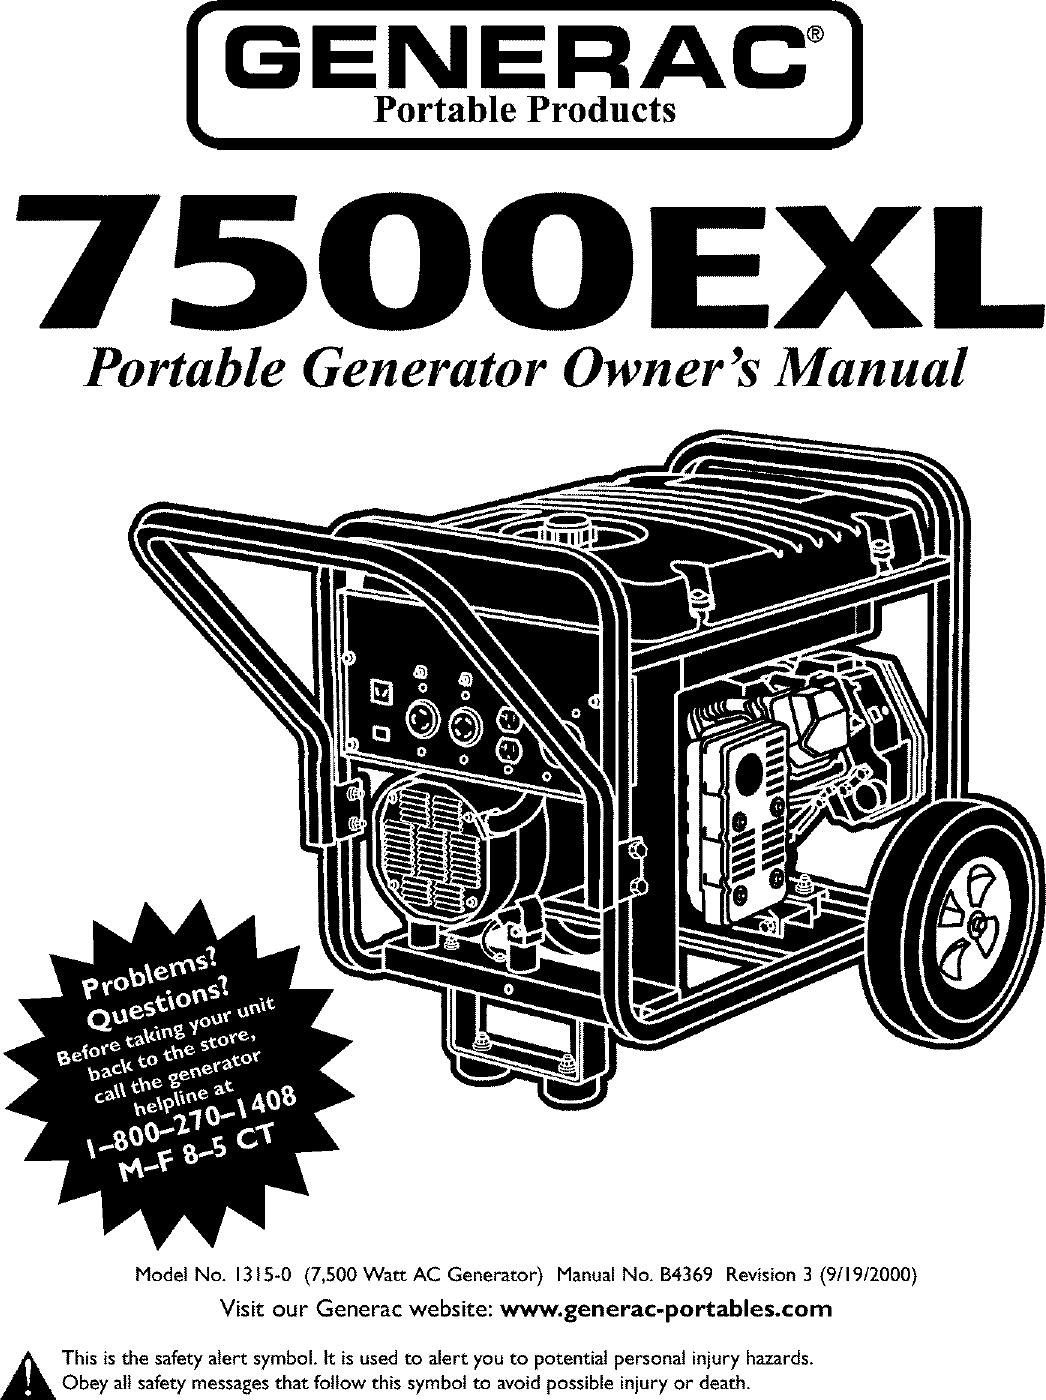 Generac 0 User Manual Generator Manuals And Guides